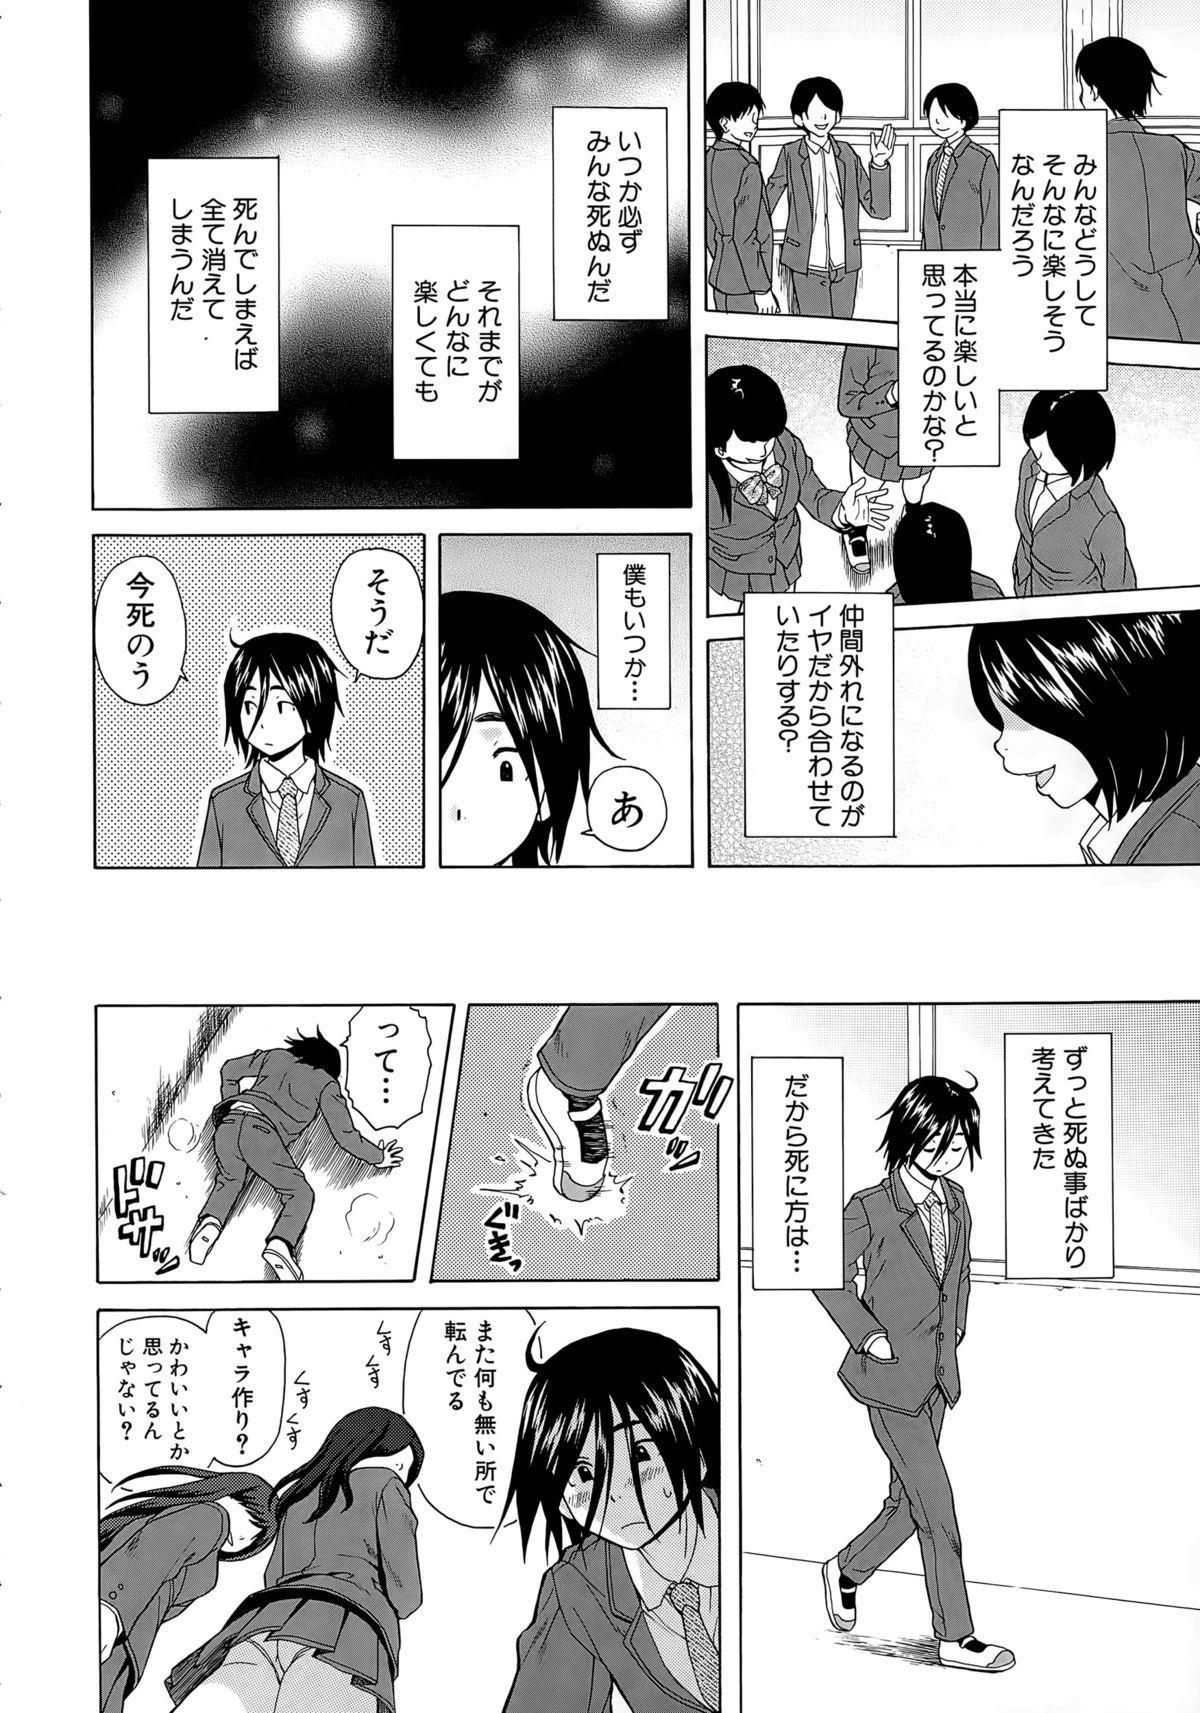 Boku to Kanojo to Yuurei to Ch. 1-3 5